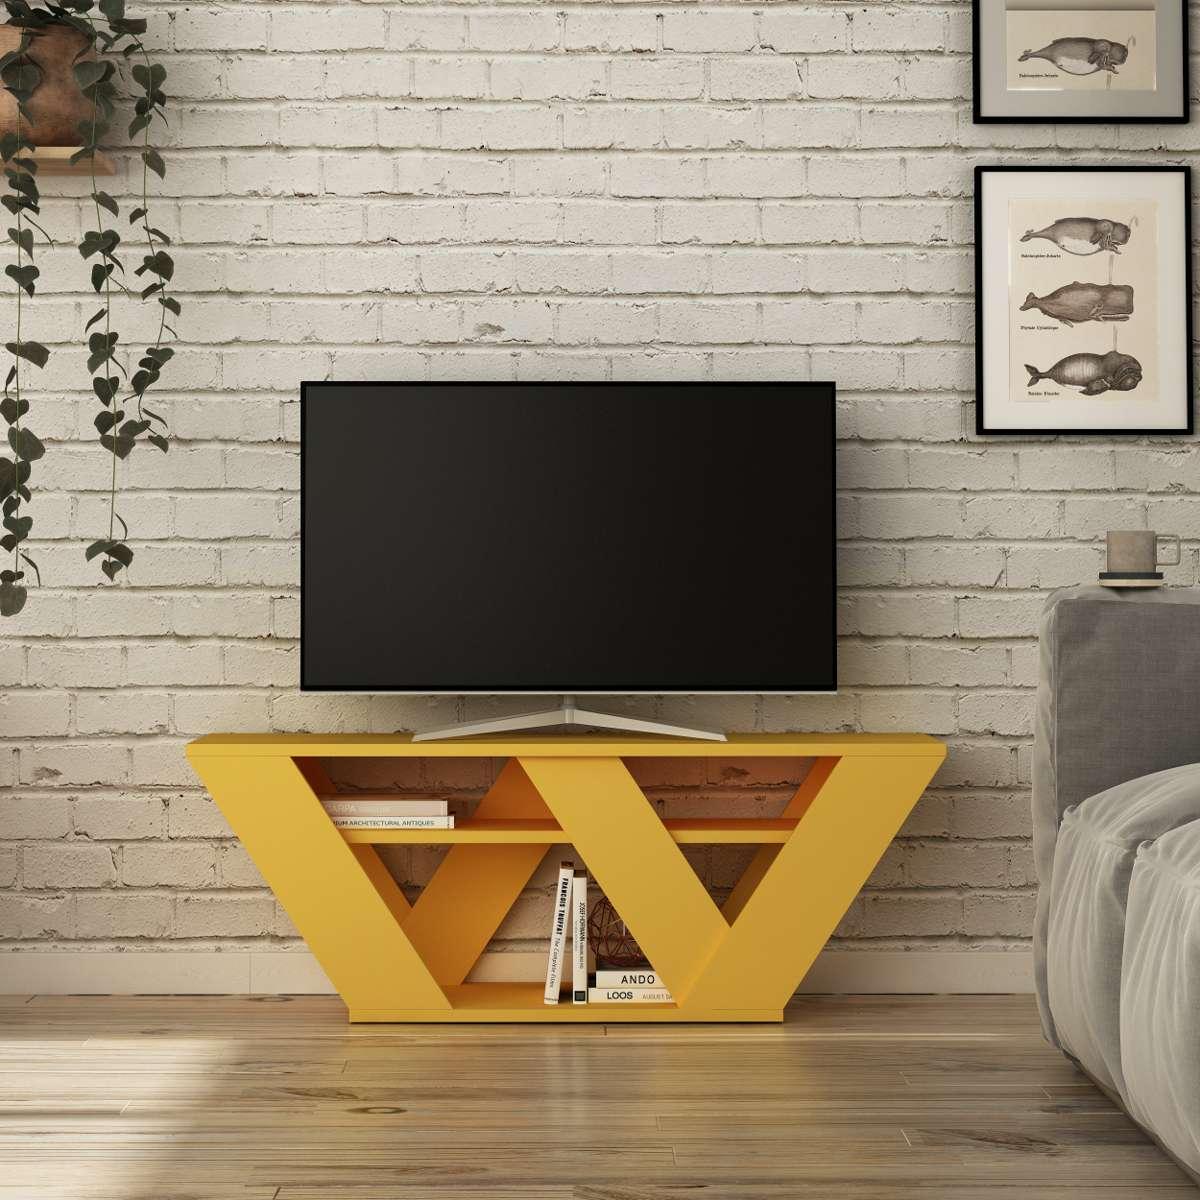 מזנון טלוויזיה Pipralla צהוב 110 ס